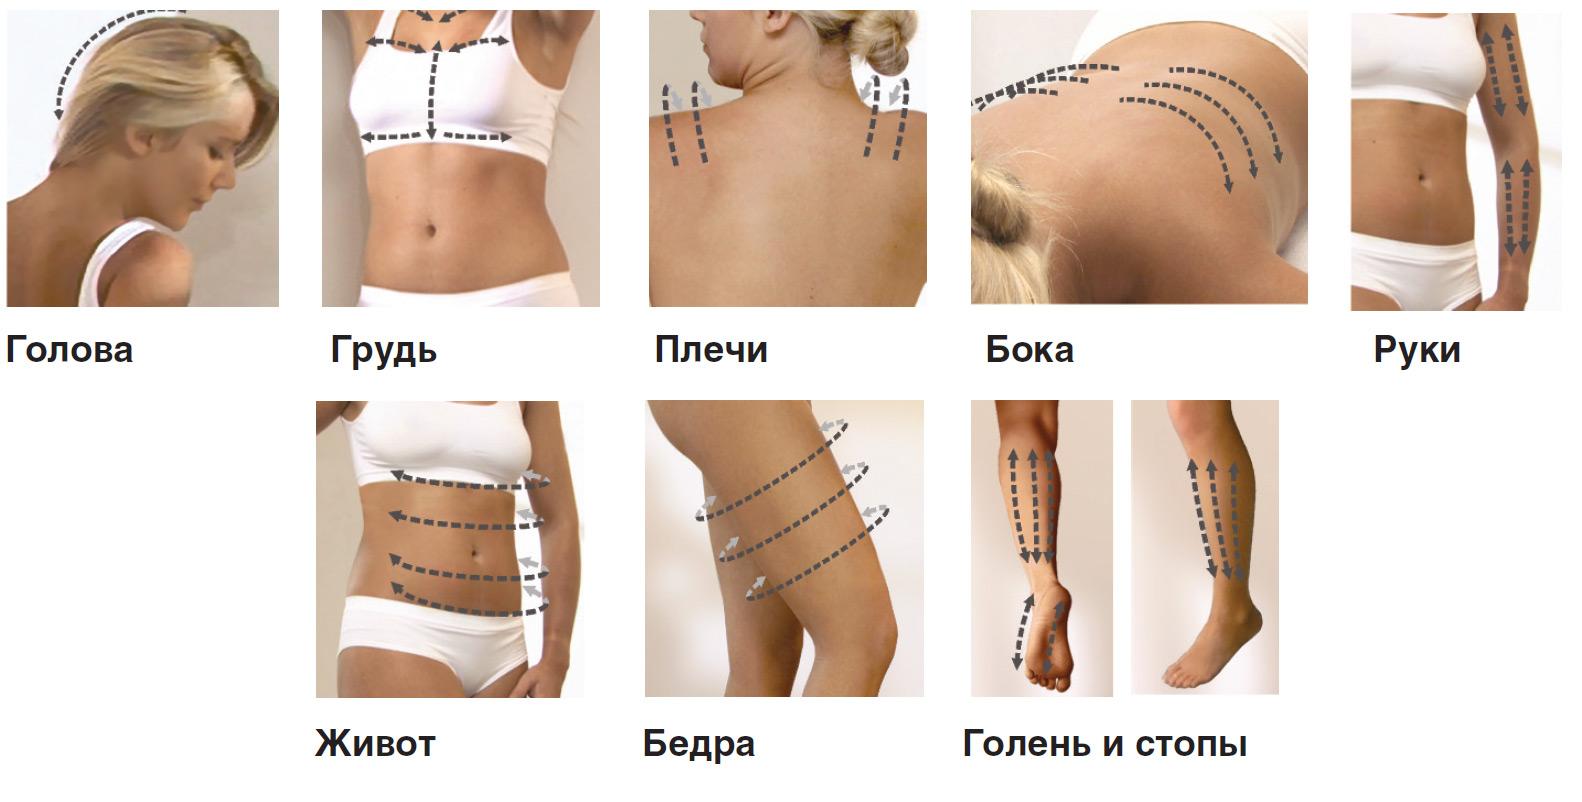 Вакуум для частей тела